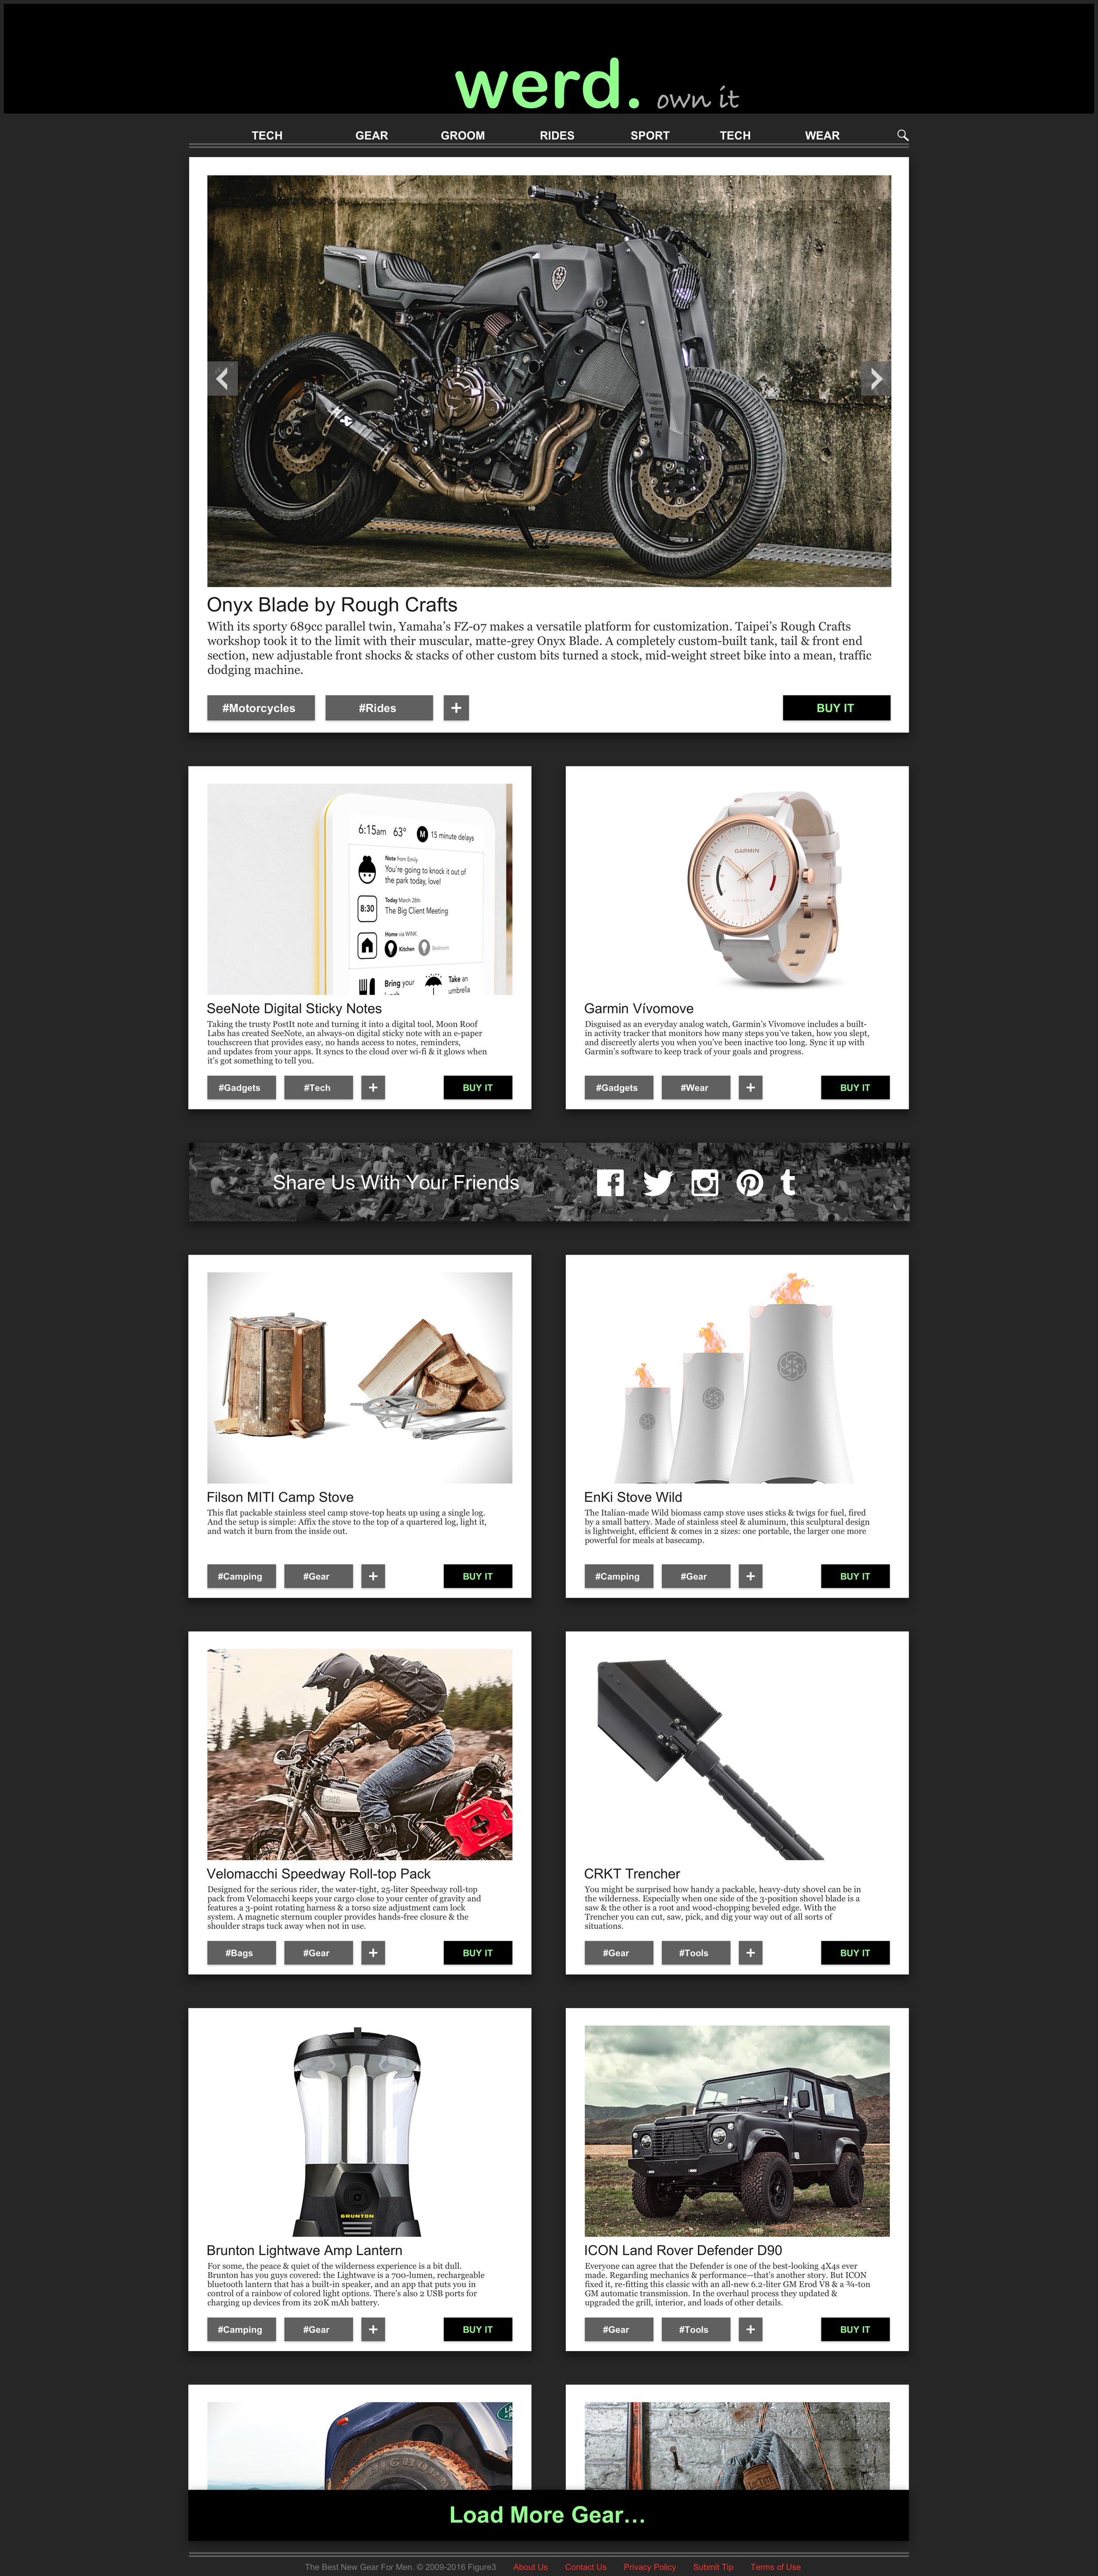 Werd_Full_Site_Border.jpg